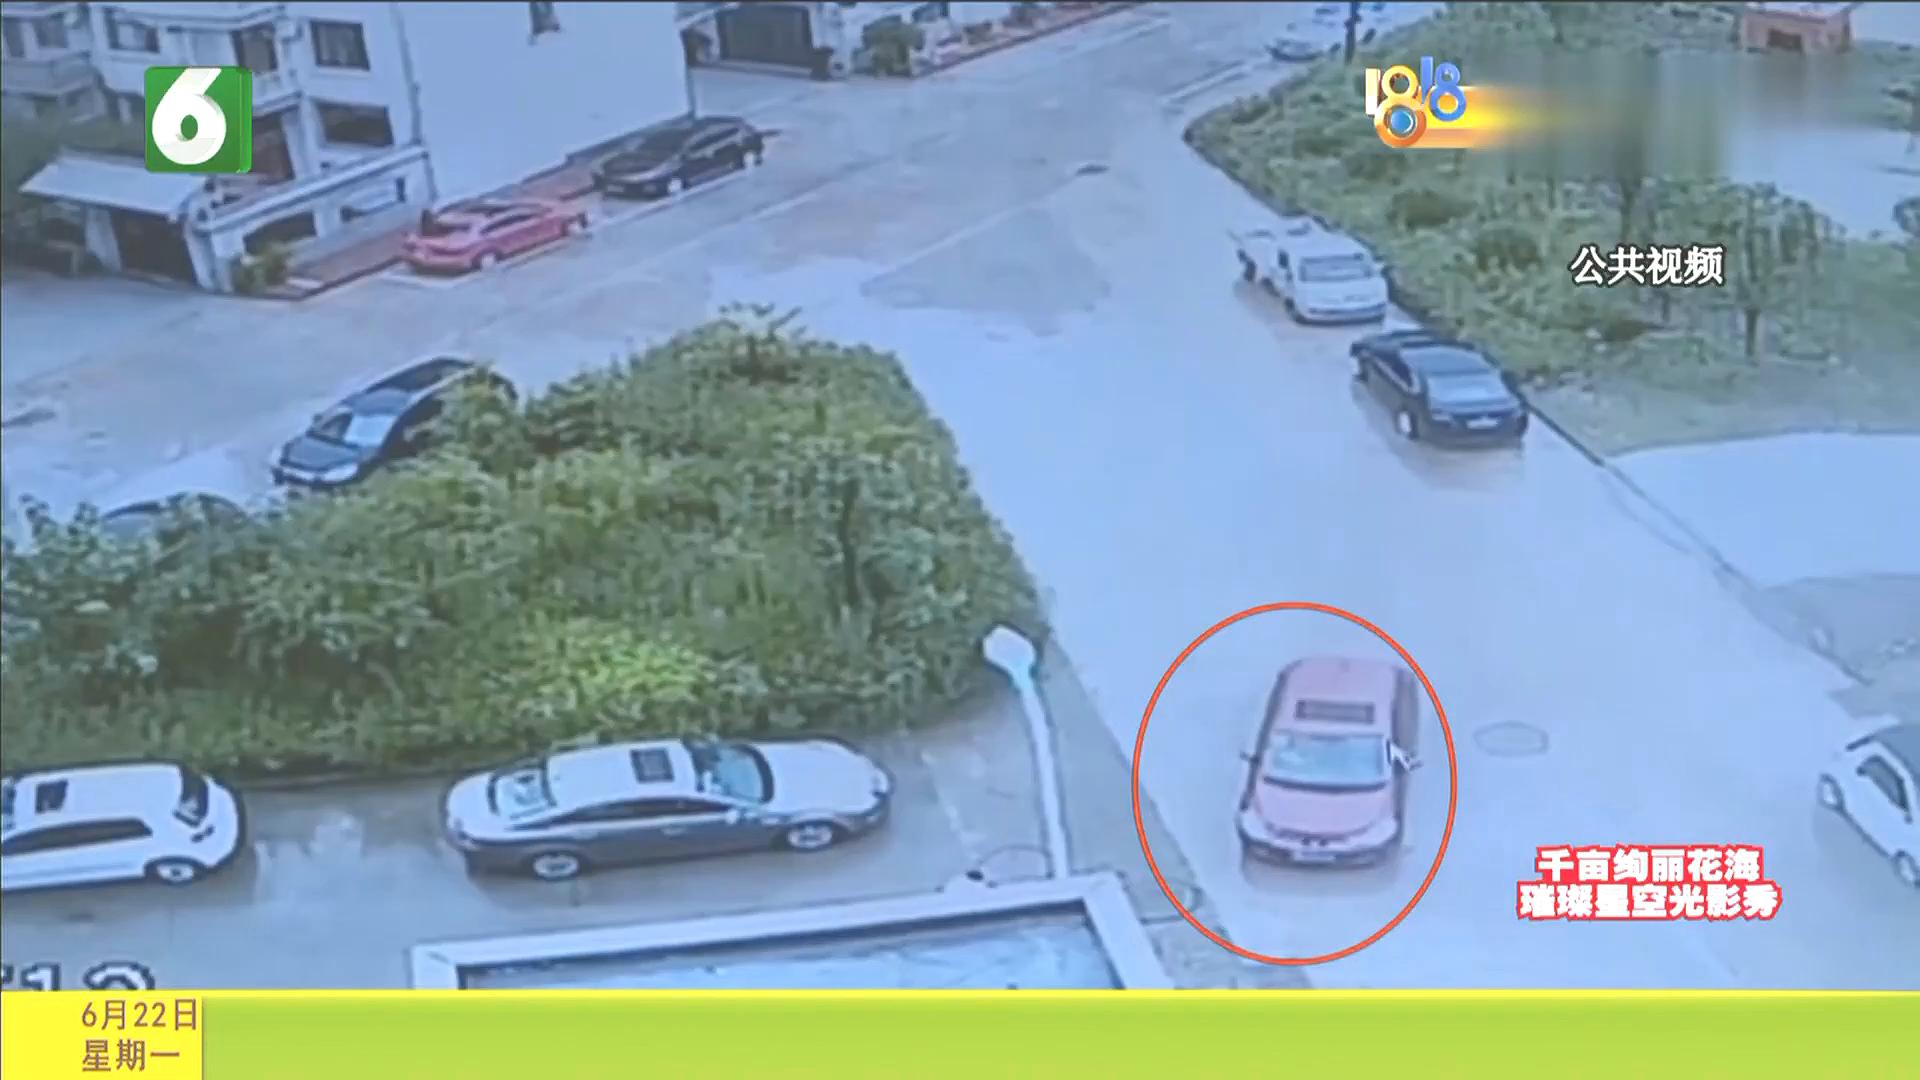 男孩被卷入车底,众人抬车救援,只用18秒